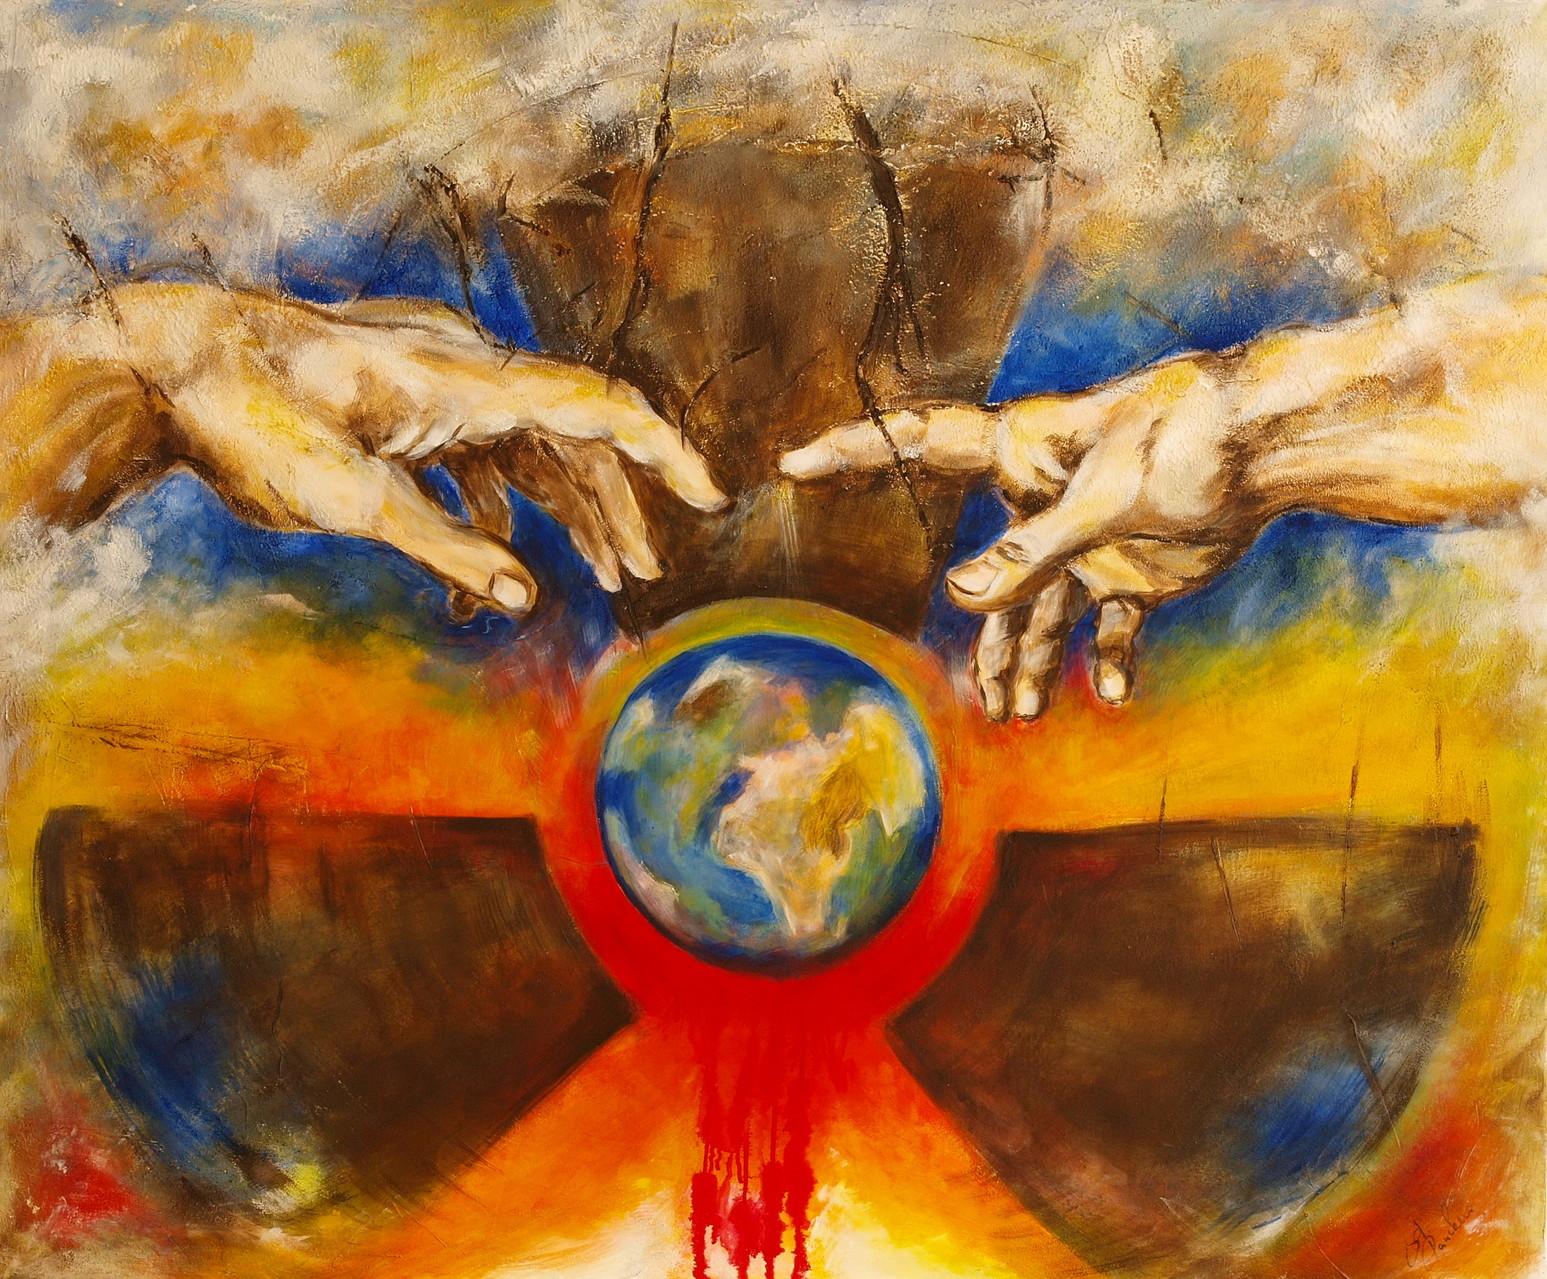 Nr. 3 Die Schöpfung  oder wieviel Mensch verkraftet die Erde     100 cm x 120 cm     Mischtechnik